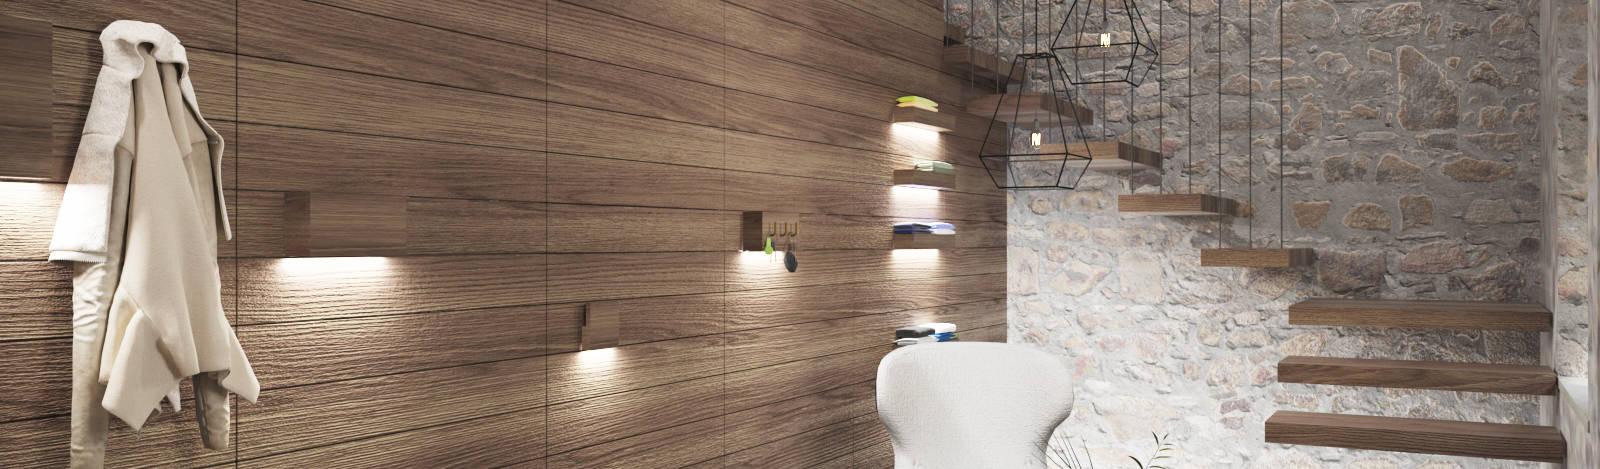 Aeon Studio Firenze (architecture and design)